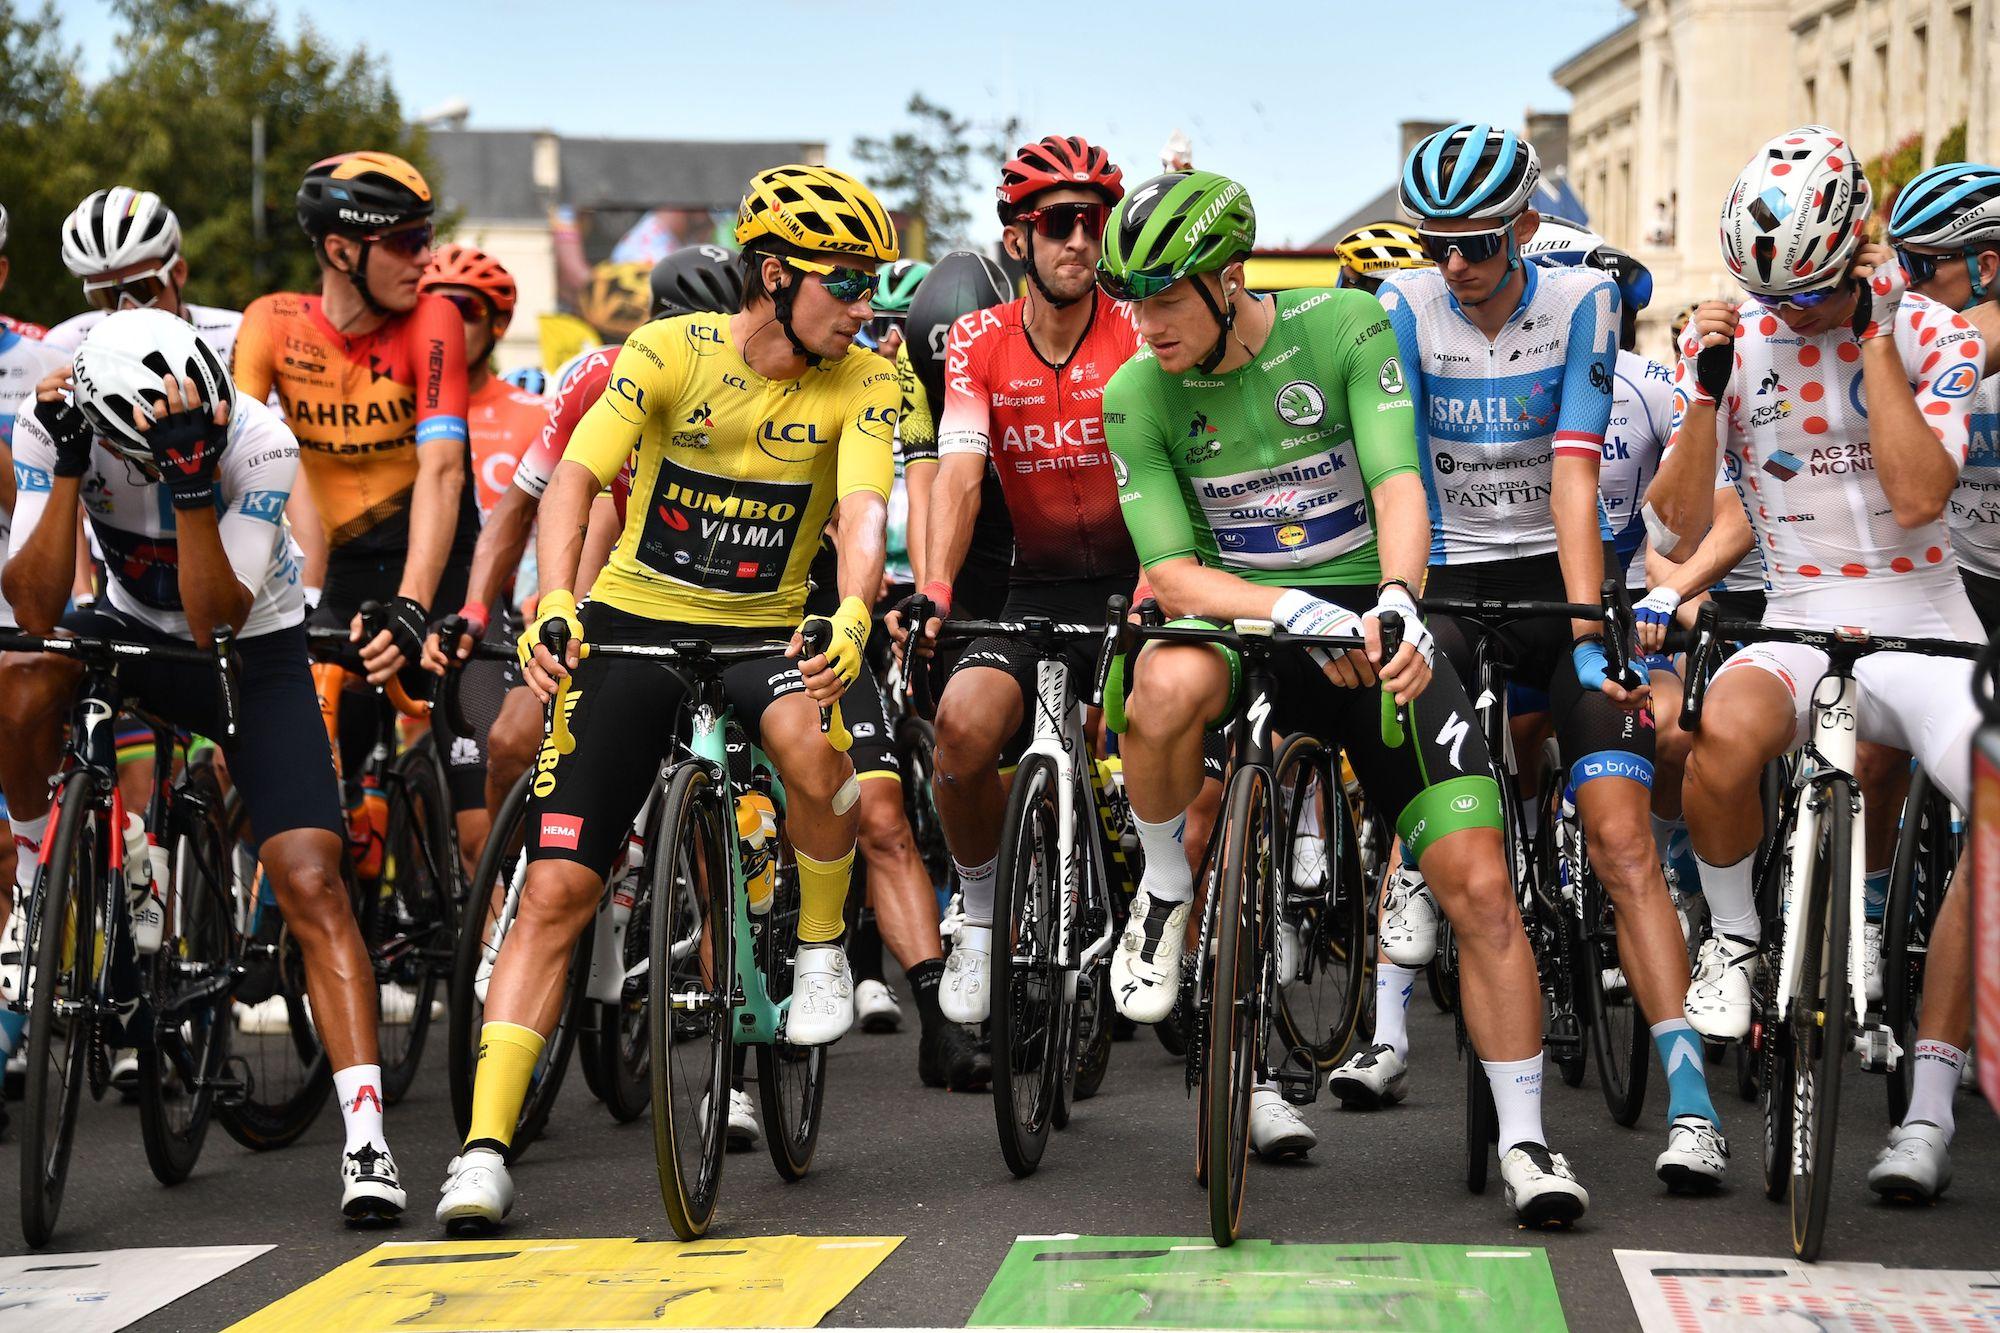 Rotterdam et La Haye envisagent d'accueillir le Tour de France Grand Départ en 2024 ou 2025